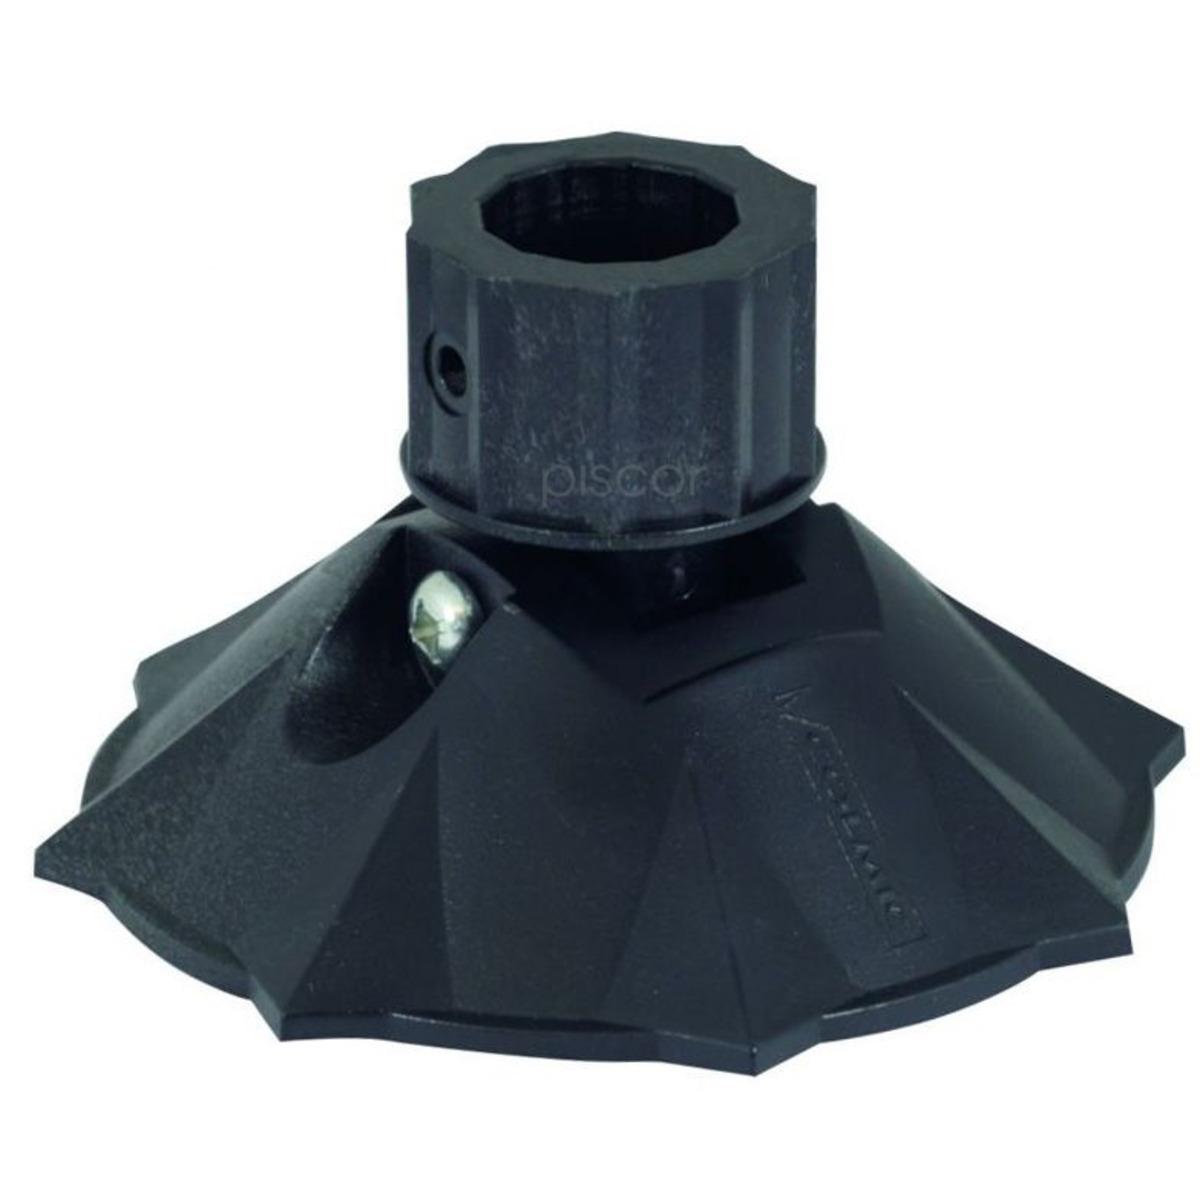 Colmic Fuß Austausch - Durchmesser 30 mm